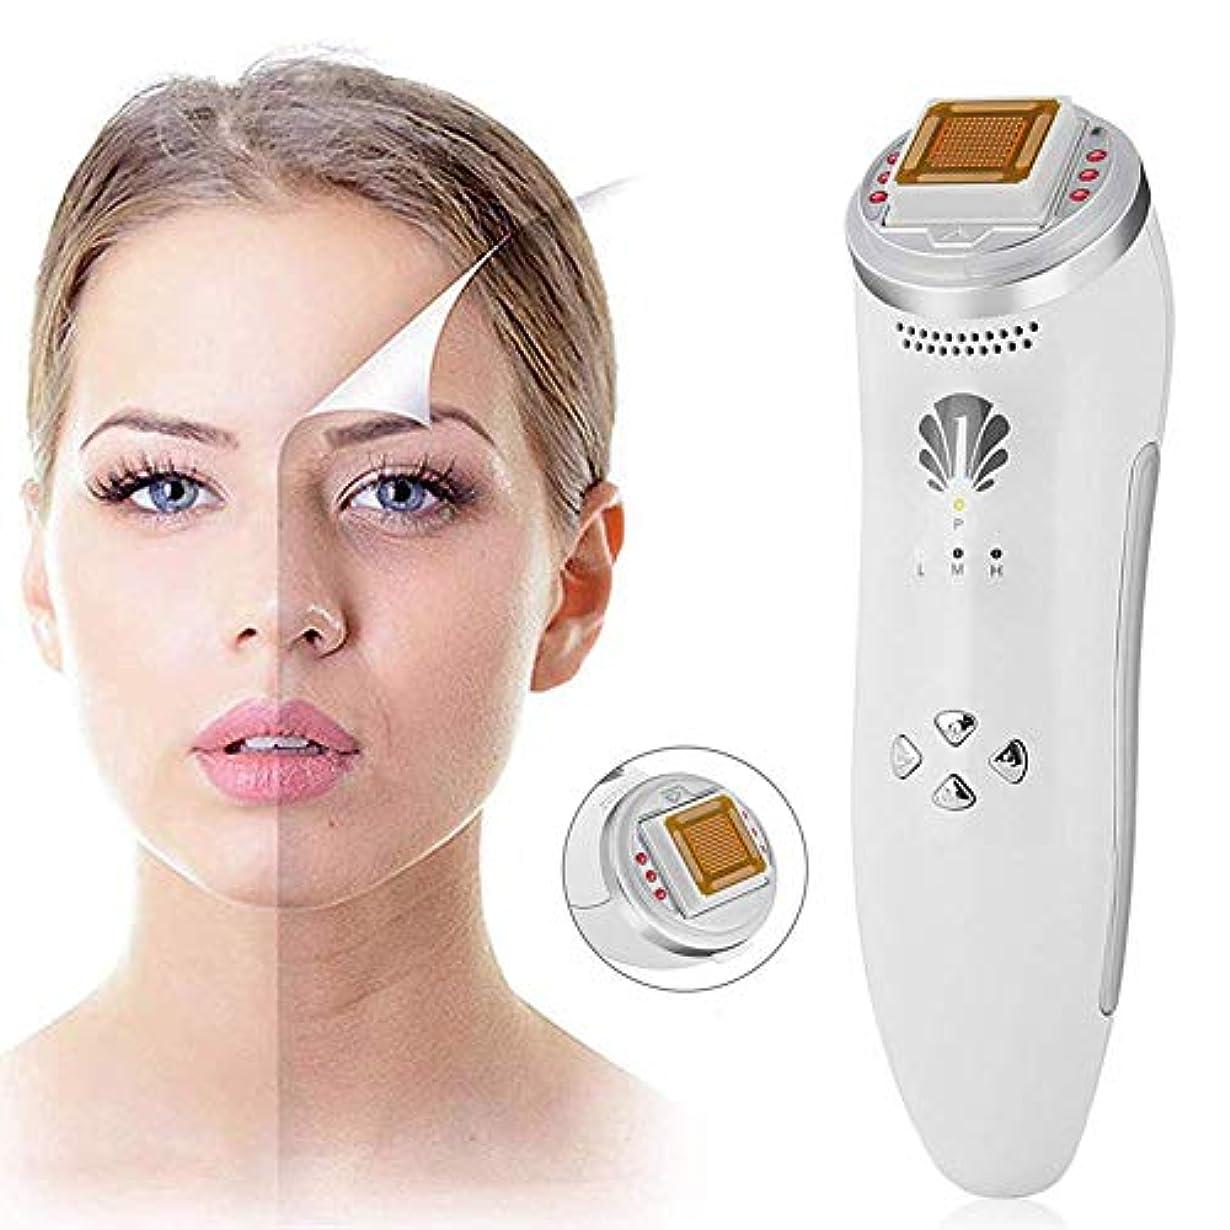 護衛ウィザード祭りしわのためのフェイスリフト装置の皮のきつく締まる機械は顔のマッサージャー多機能のスキンケアの美の器械を取除きます